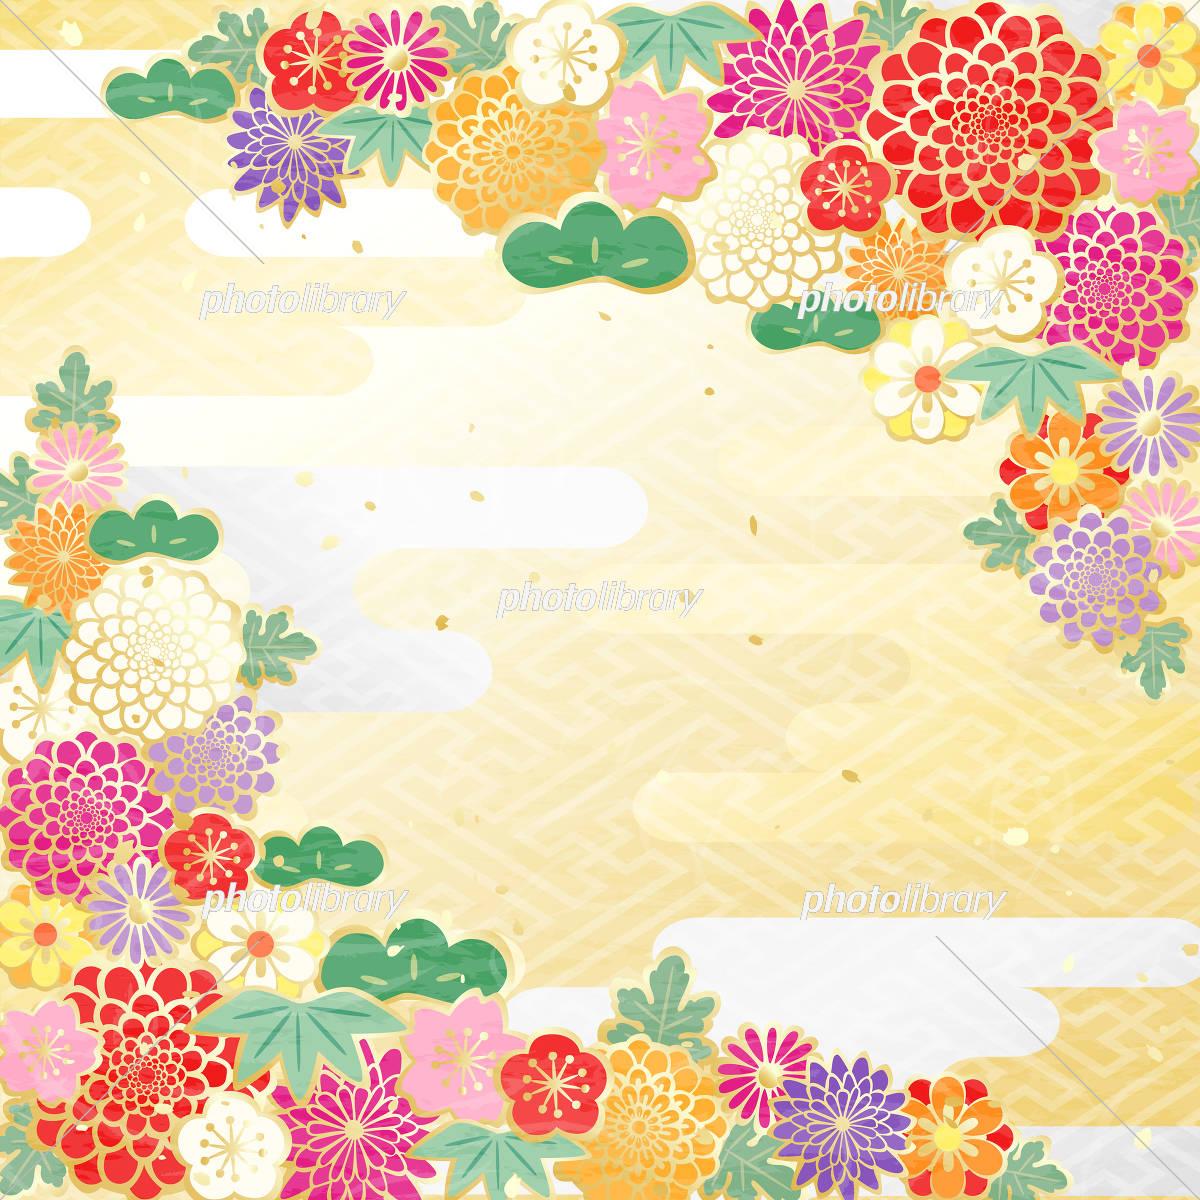 和柄 カラフル 花柄 イラスト素材 5362785 フォトライブラリー